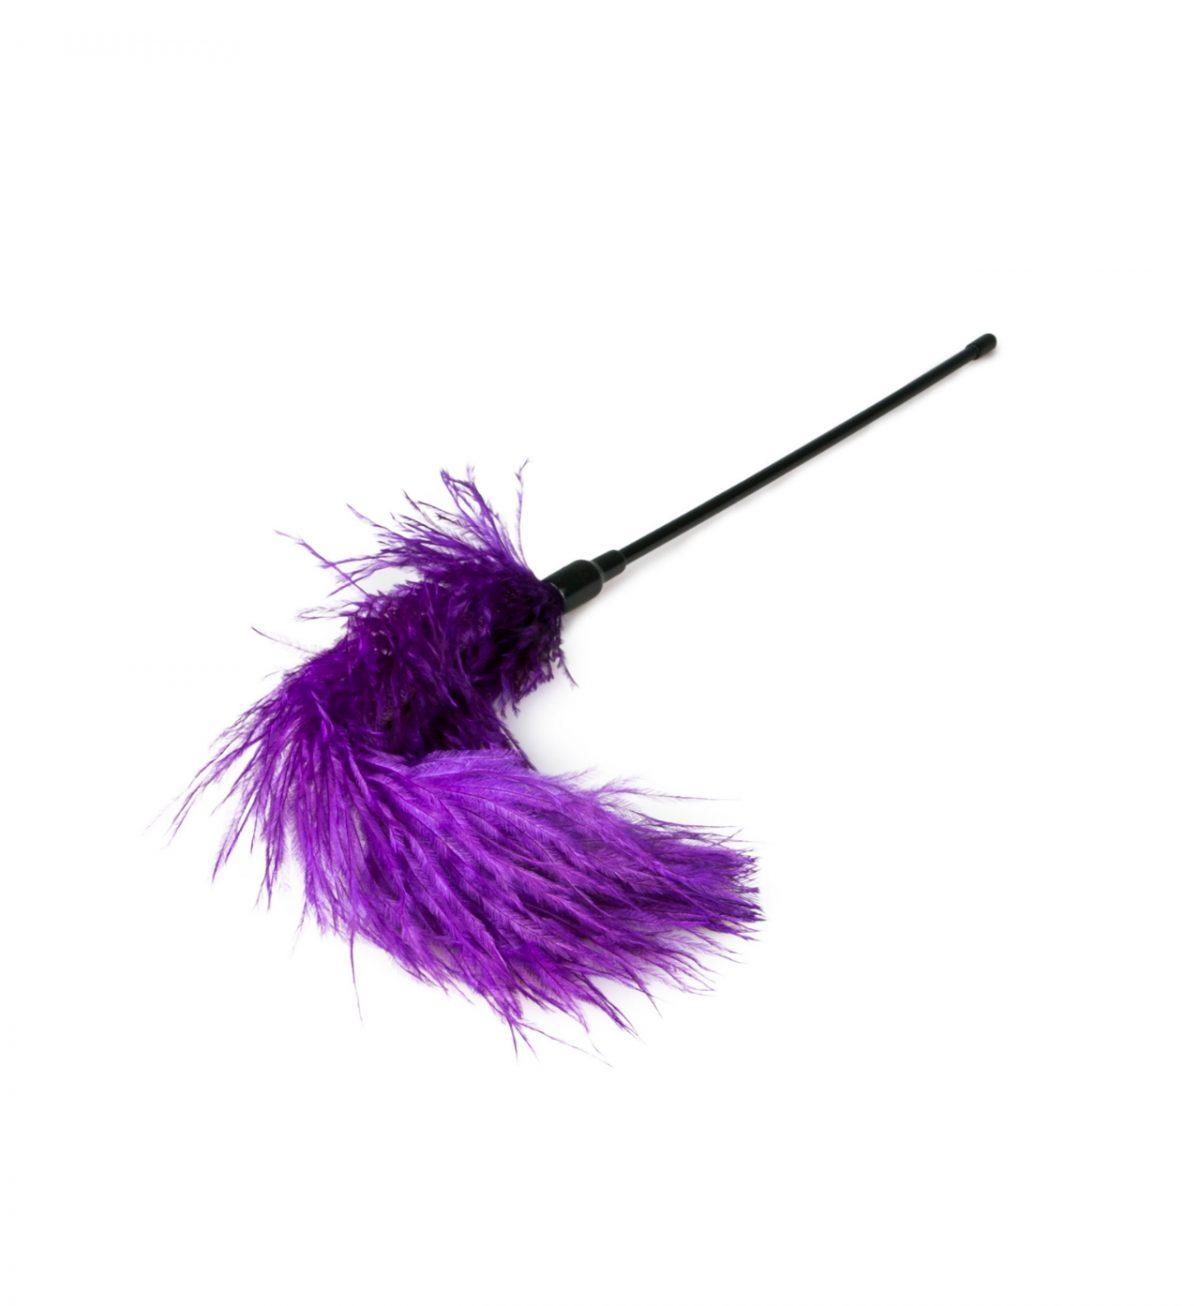 Fjær Tickler, Lilla - Myk fjærkiler i purpur - EasyToys